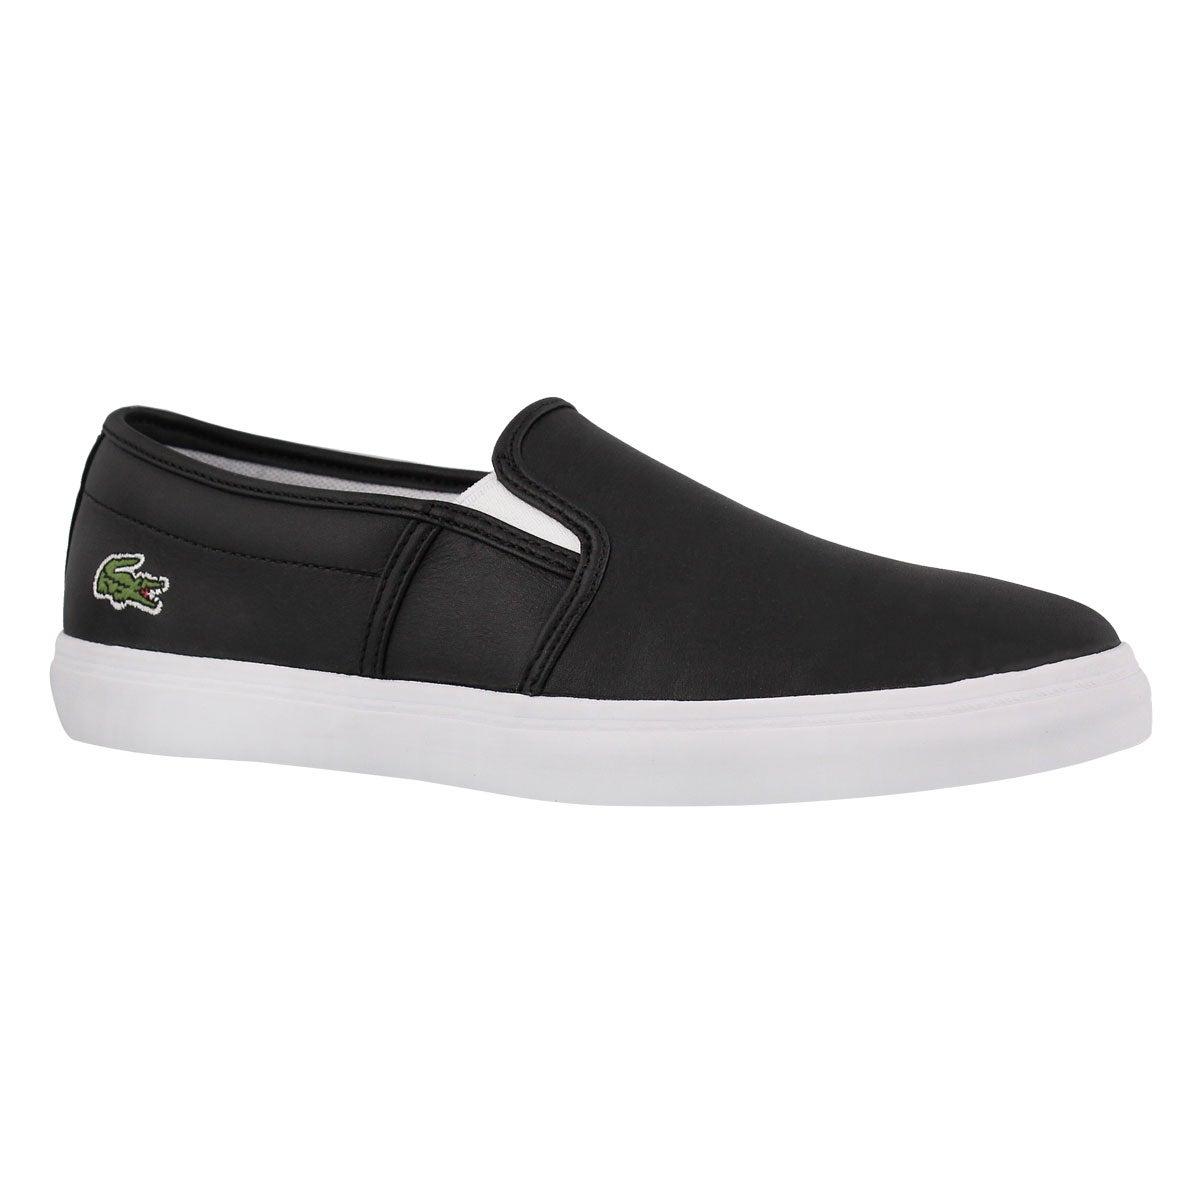 Women's TATALYA 118 1 2 P black/whte loafer